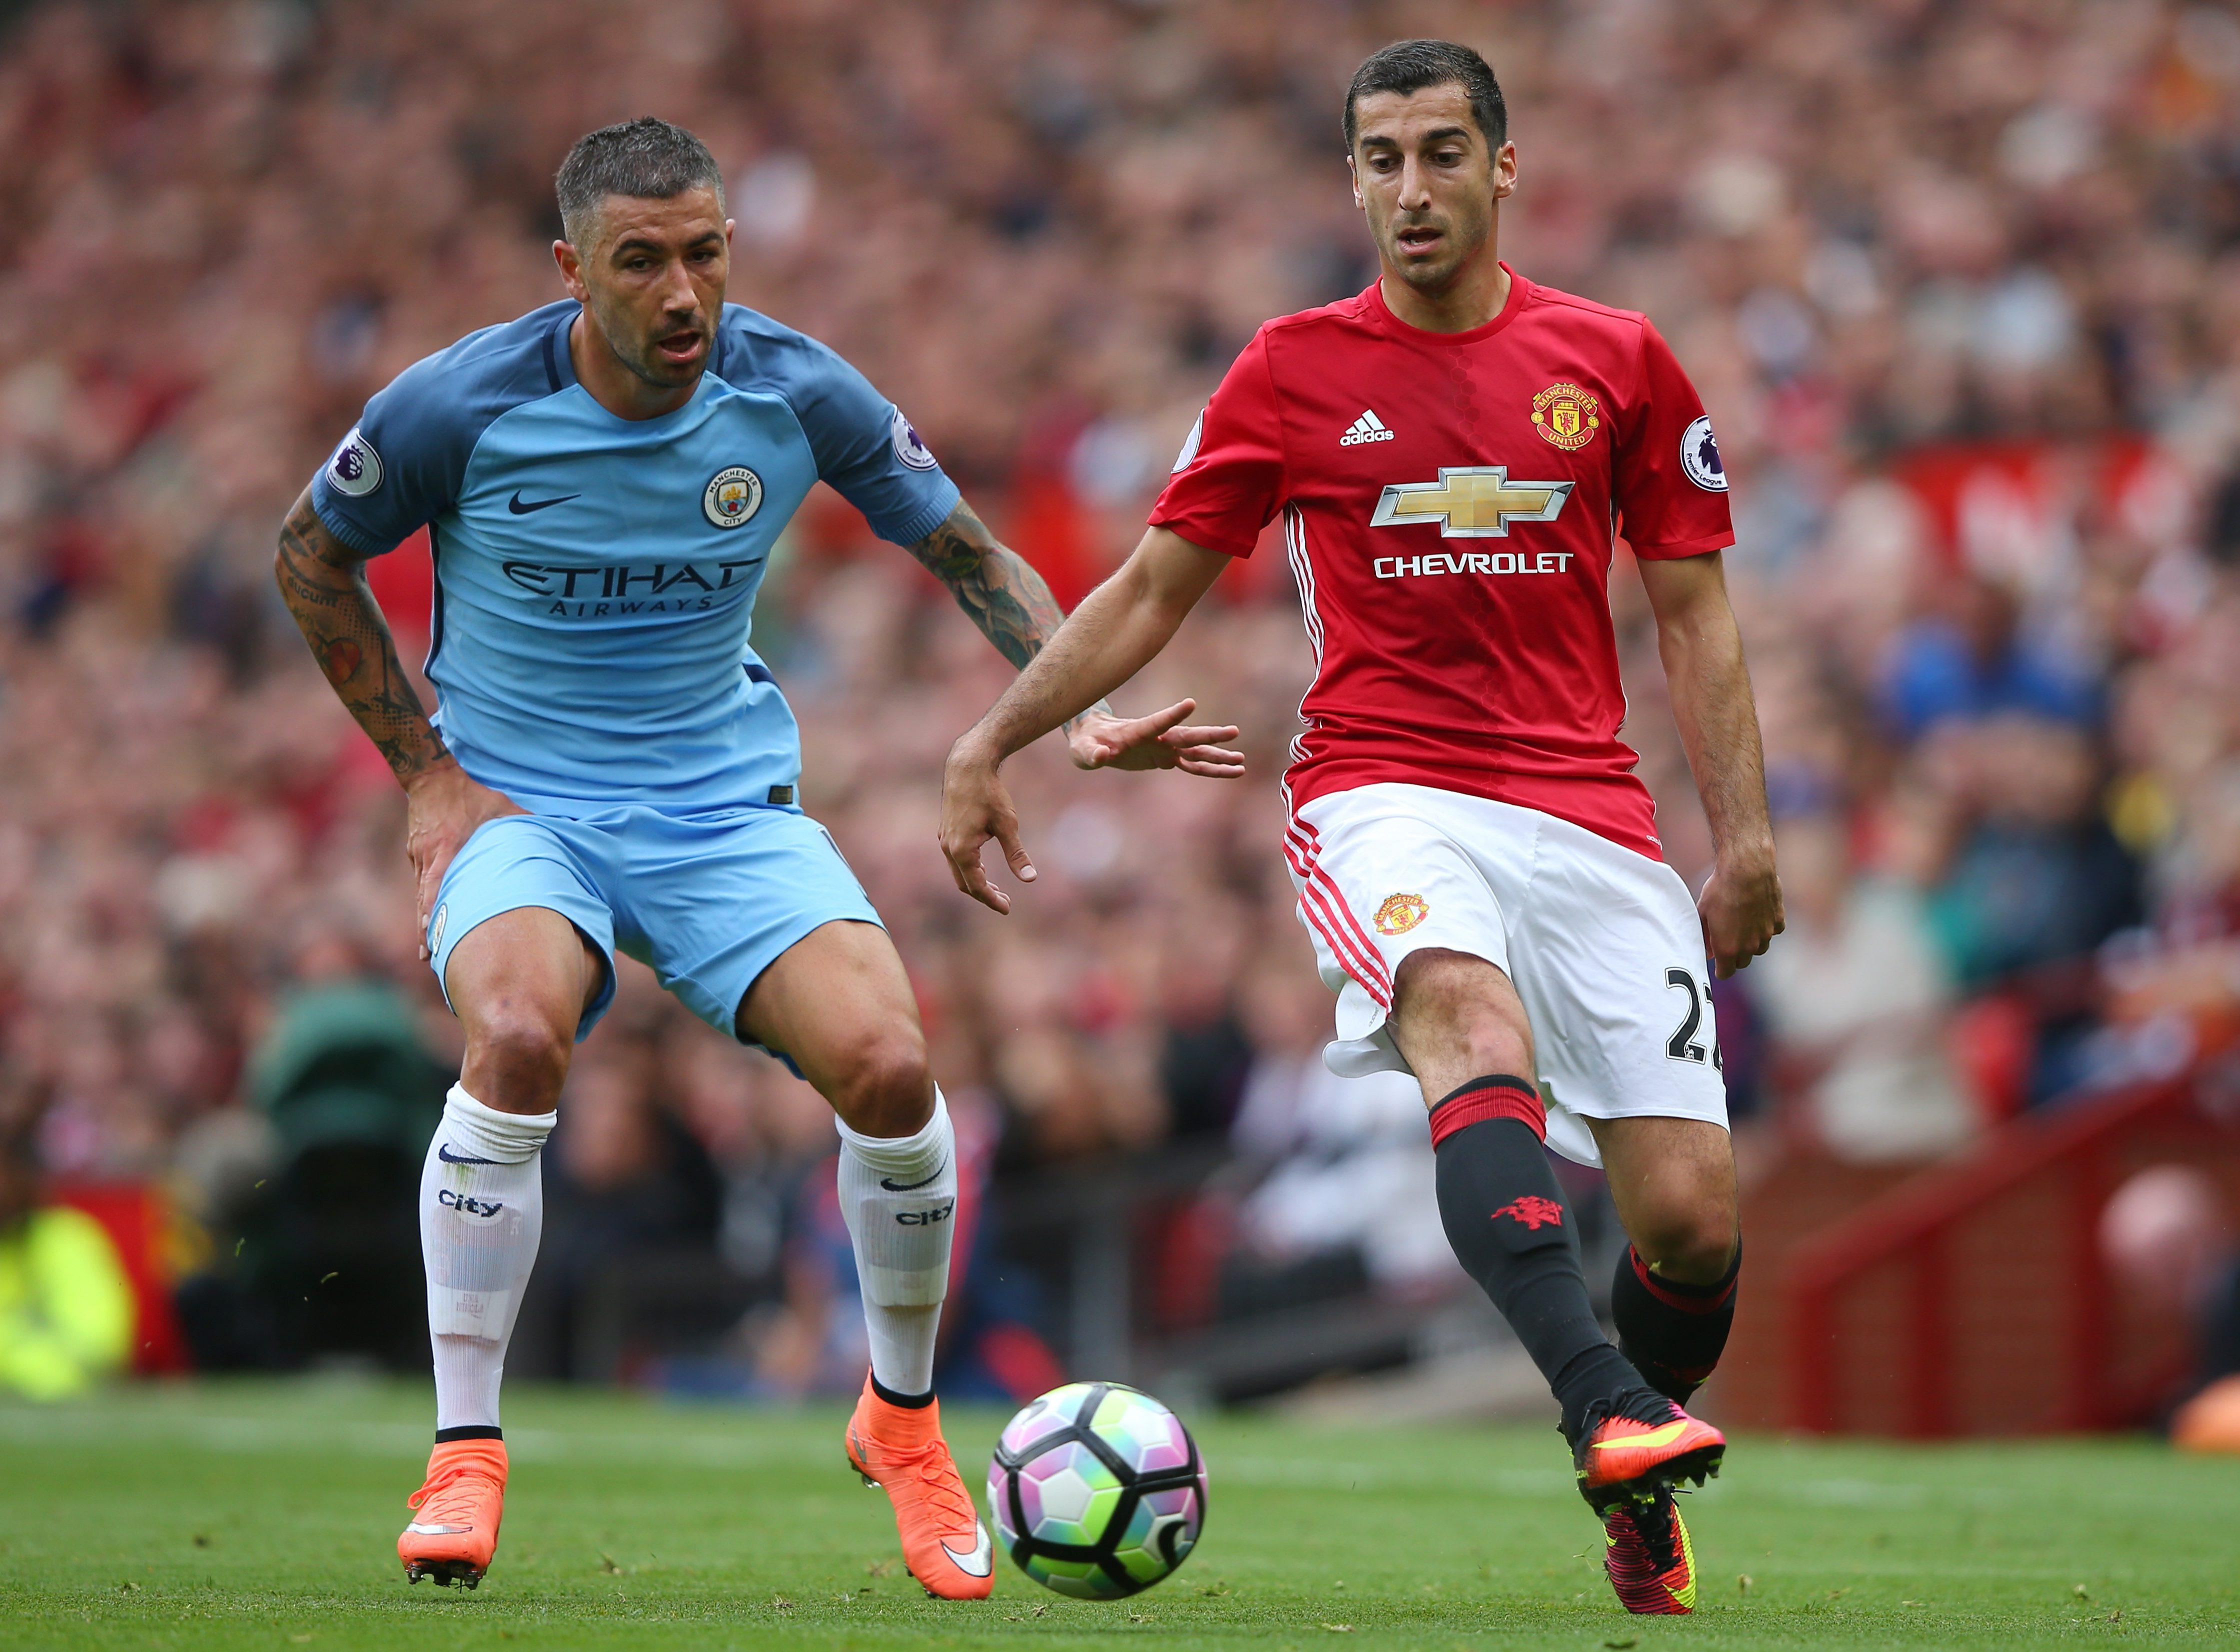 Utd new boy Henrikh Mkhitaryan believes he is at his best just behind the main striker